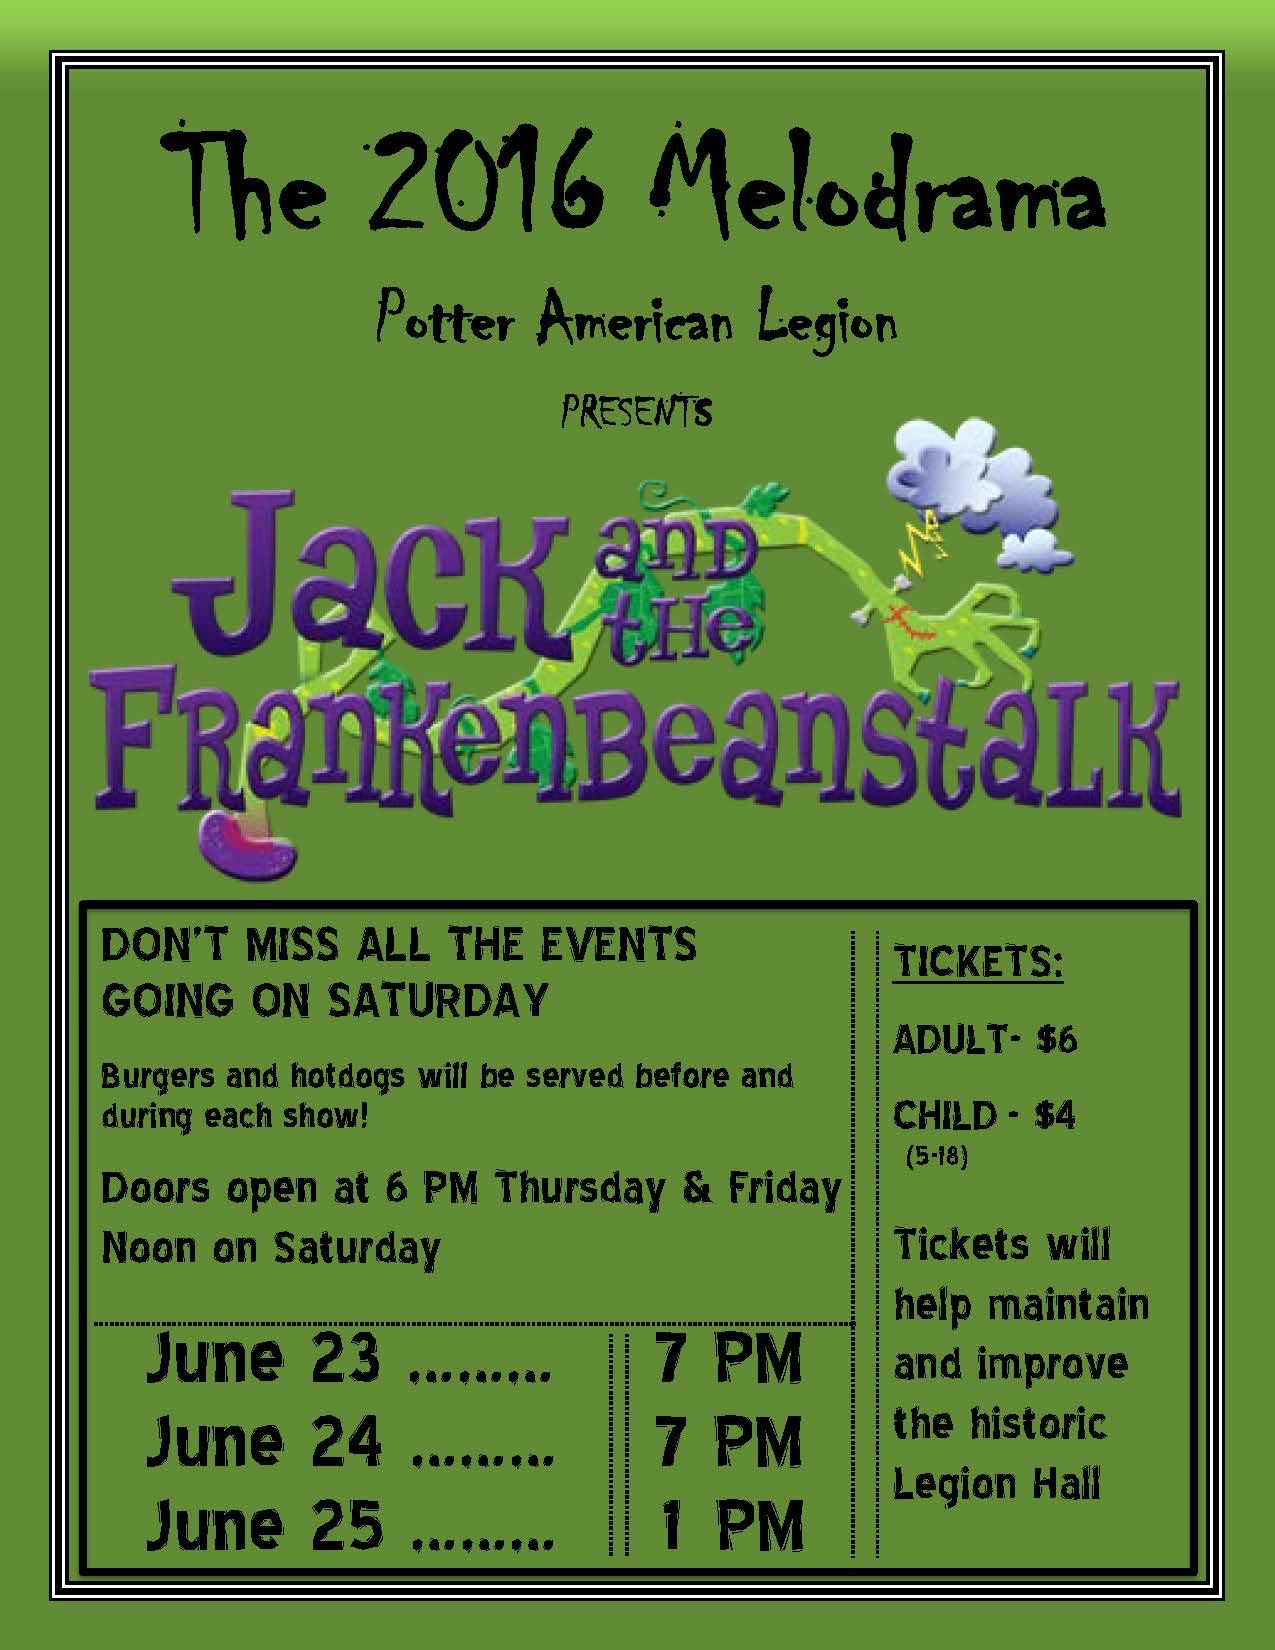 jack_and_the_frankenbean.jpg